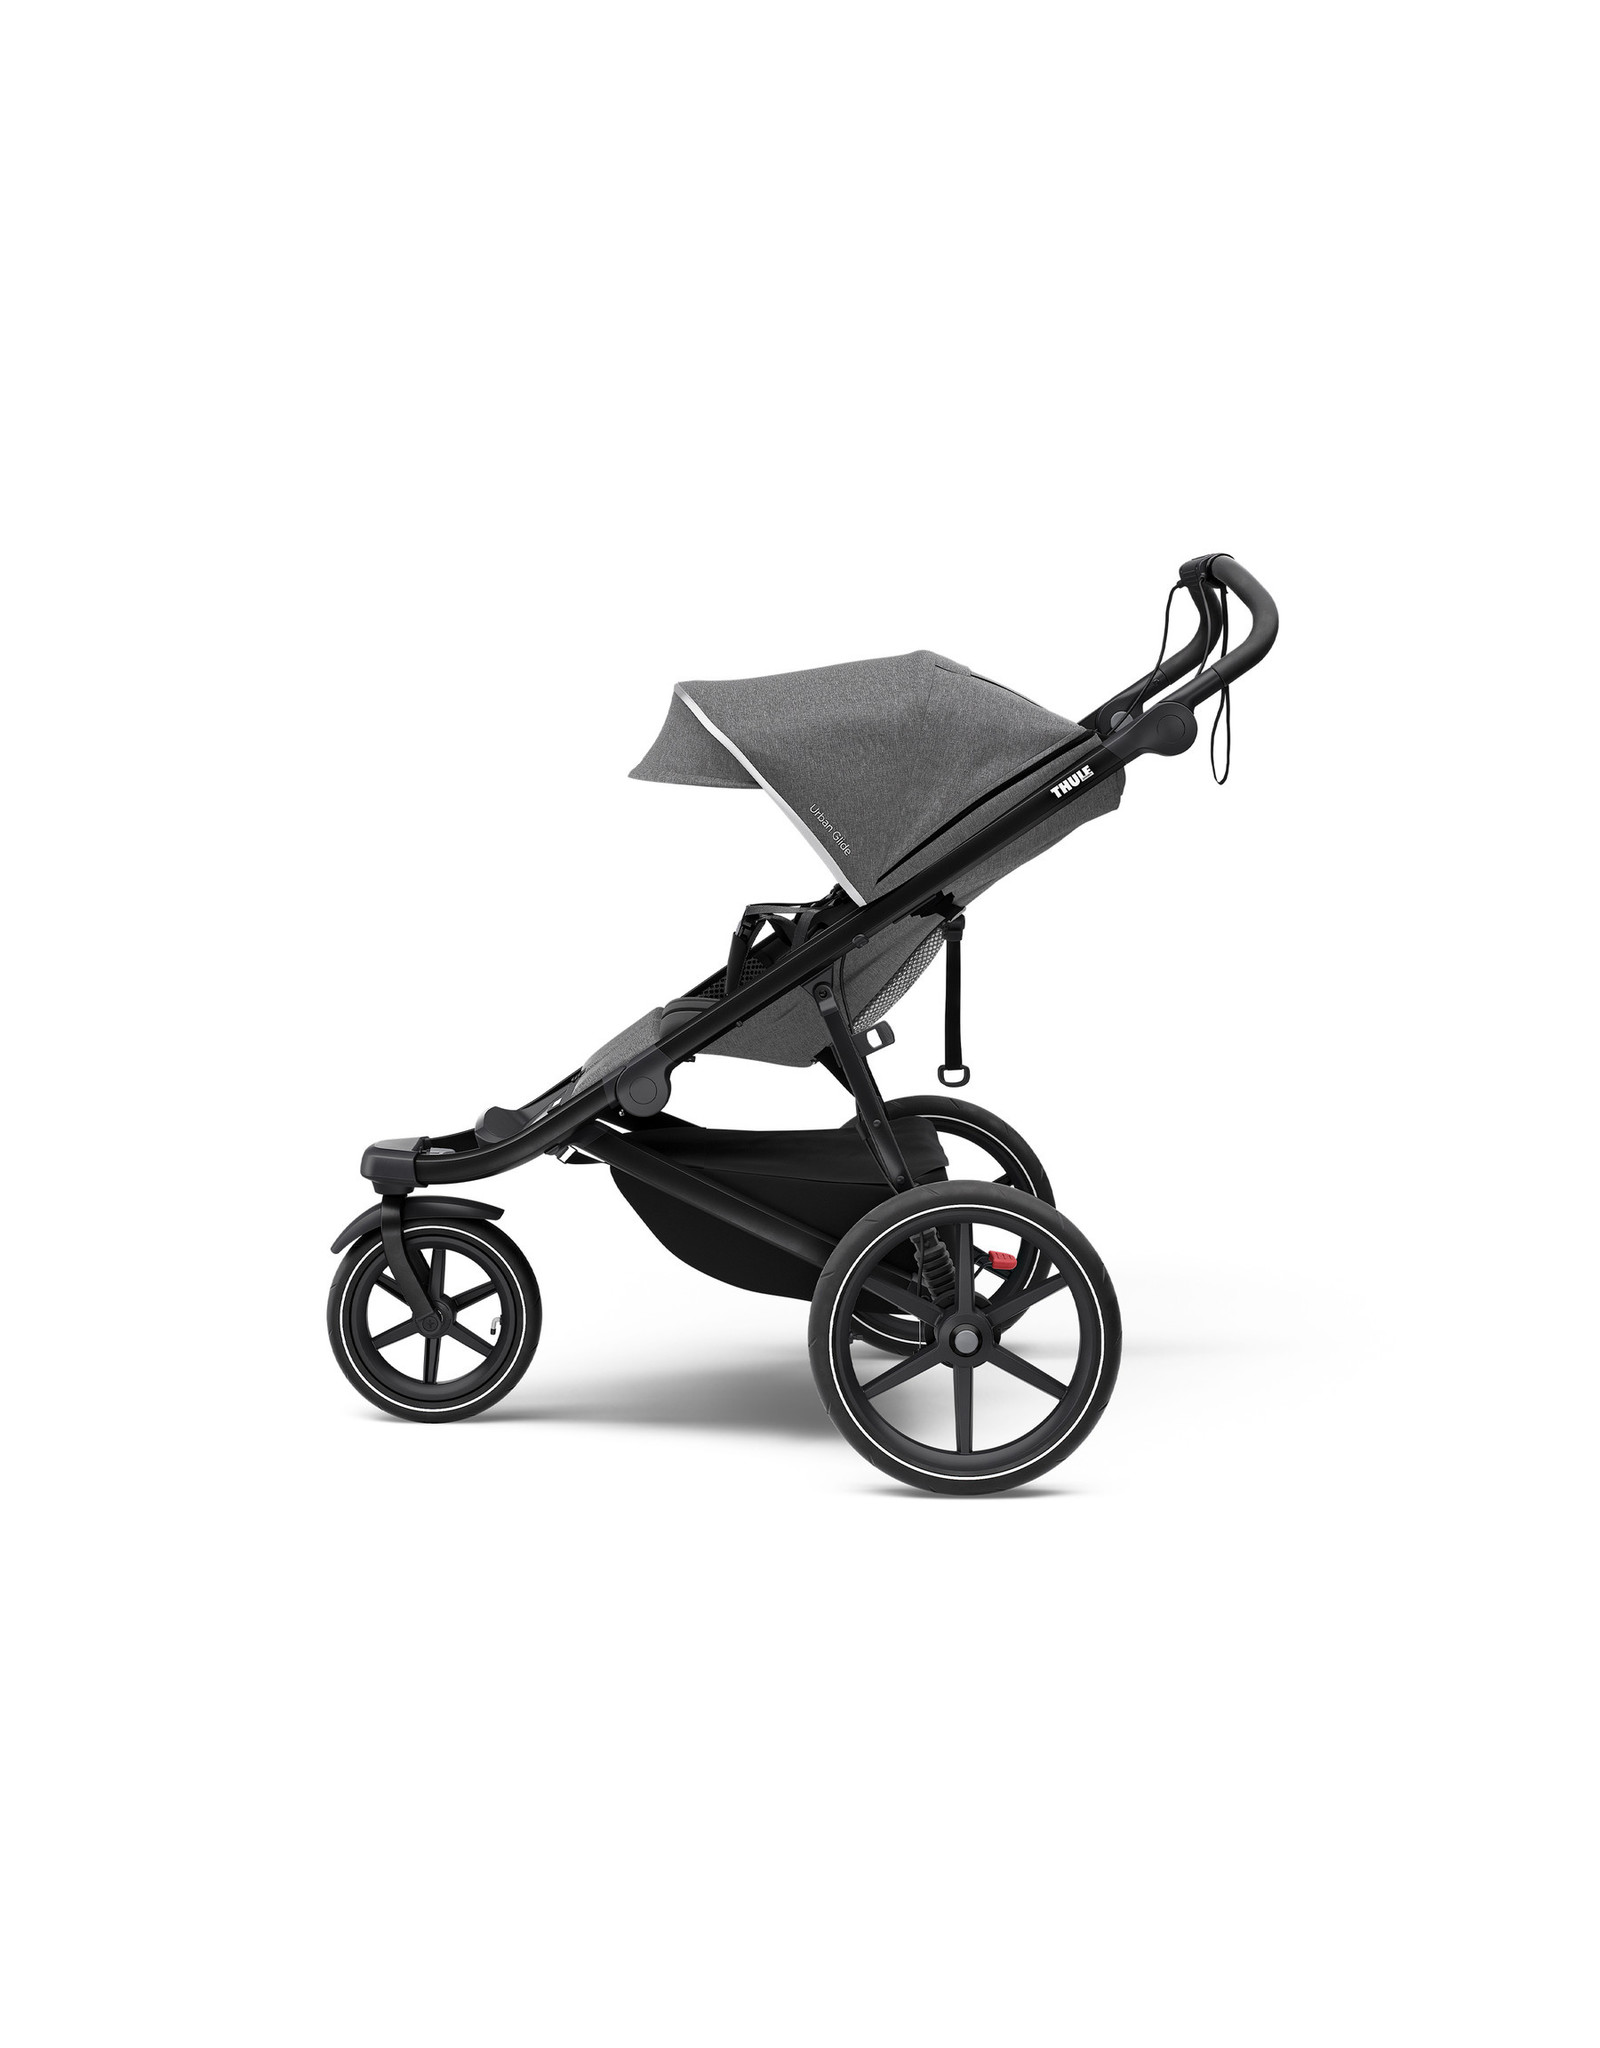 Thule Thule Urban Glide 2 Stroller